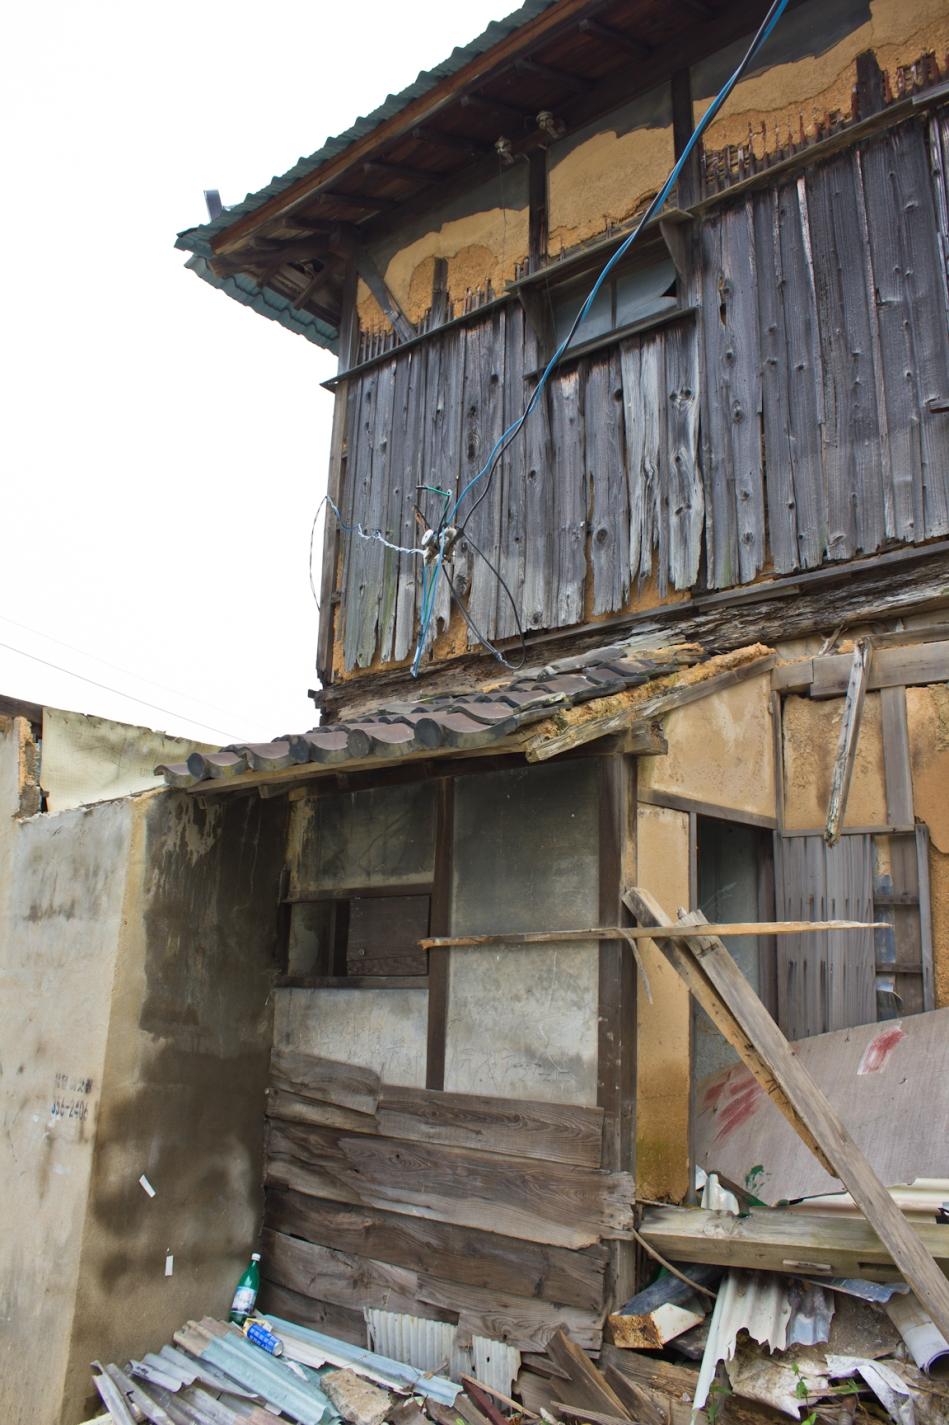 miryang cinder block reinforced building